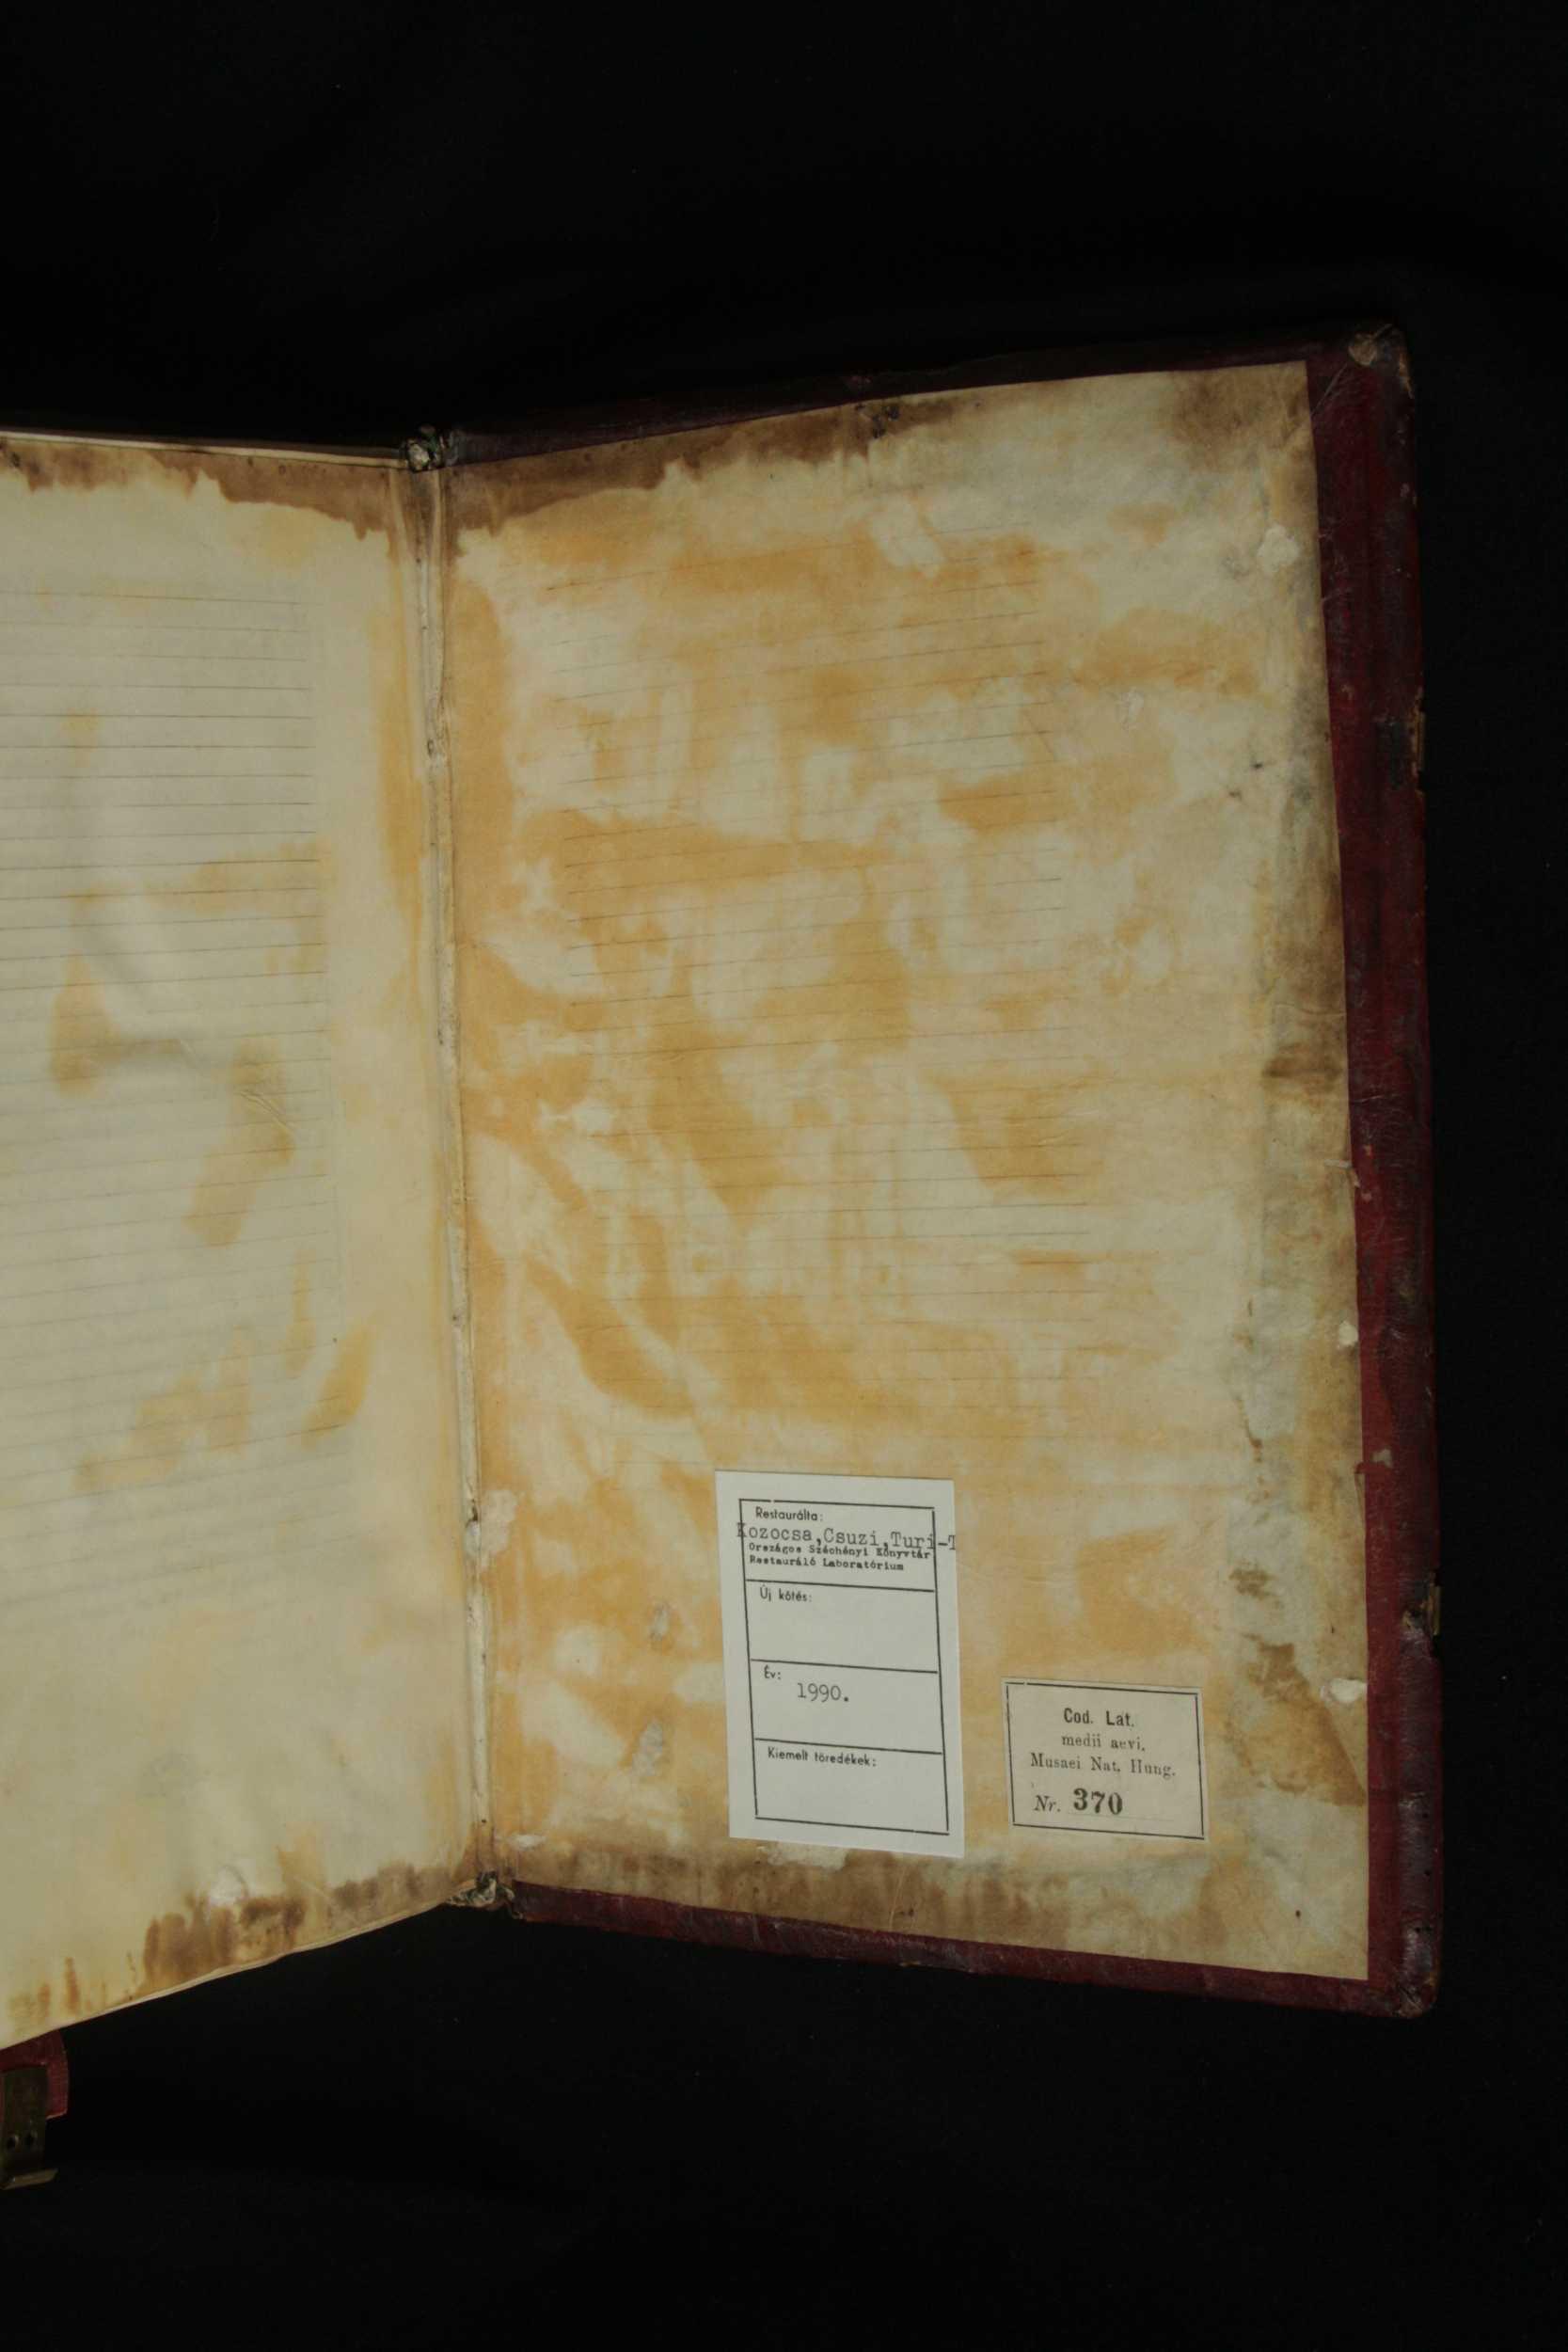 A háttáblára kiragasztott utolsó pergamenlap